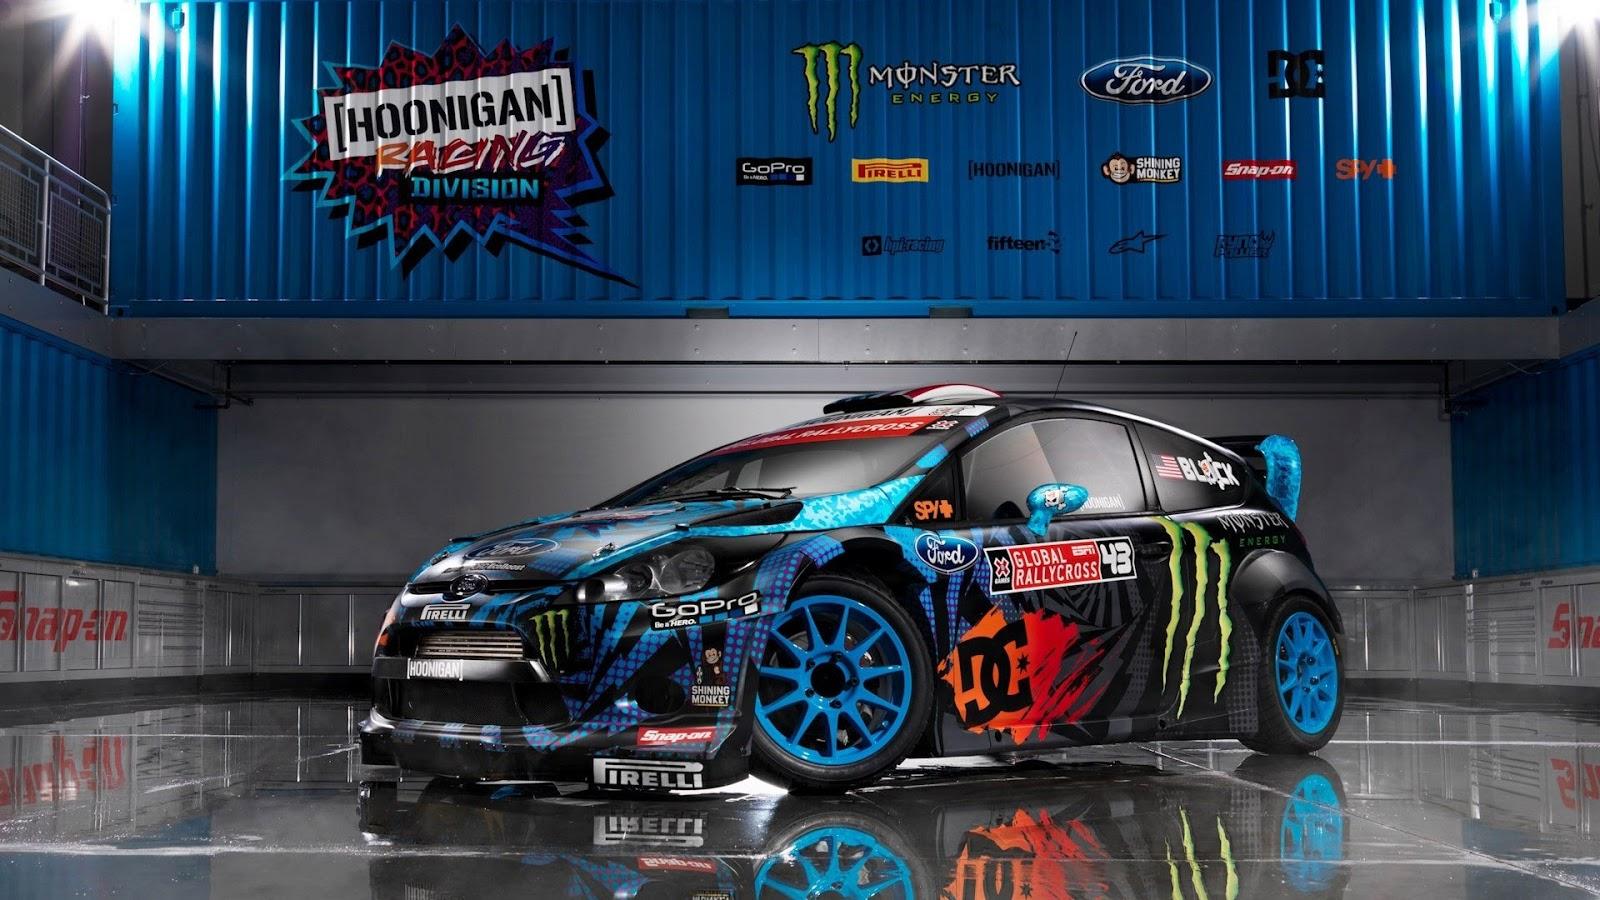 Ford Fiesta Monster Ken Block HD Wallpaper   HD Wallpapers 1600x900